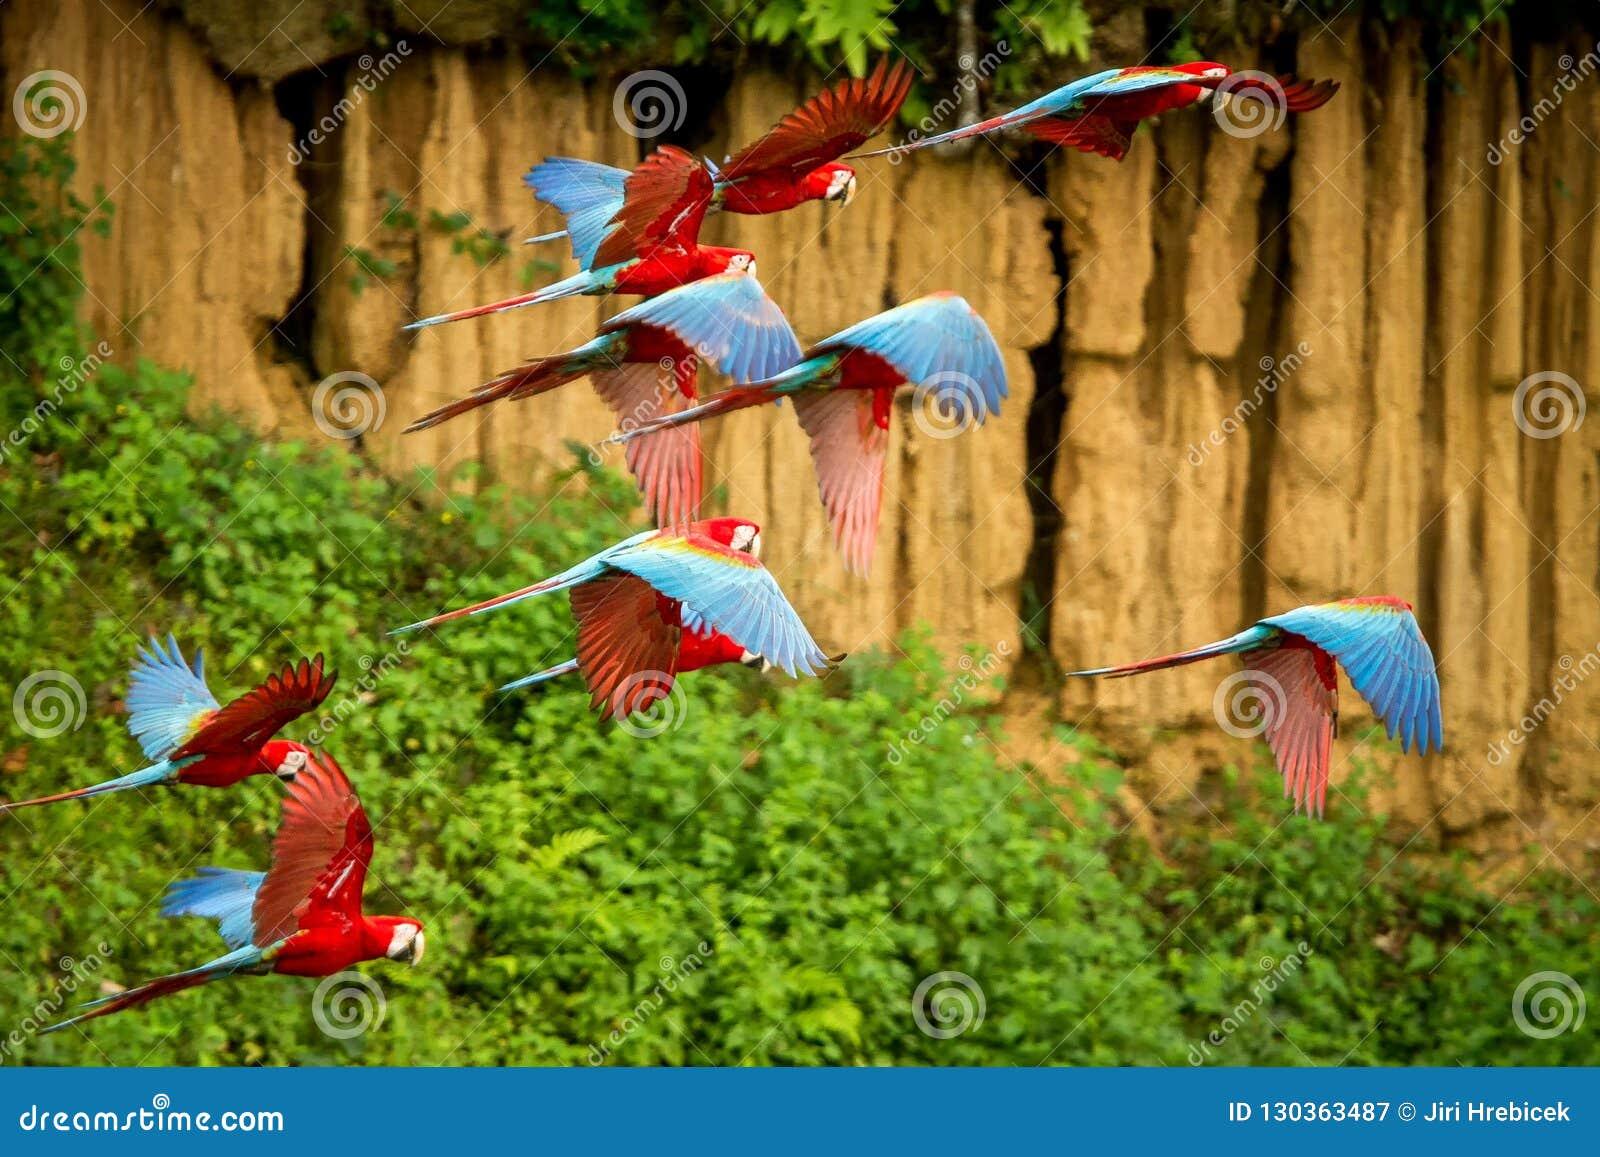 Troupeau de perroquet rouge en vol Vol d ara, végétation verte à l arrière-plan Ara rouge et vert dans la forêt tropicale, Pérou